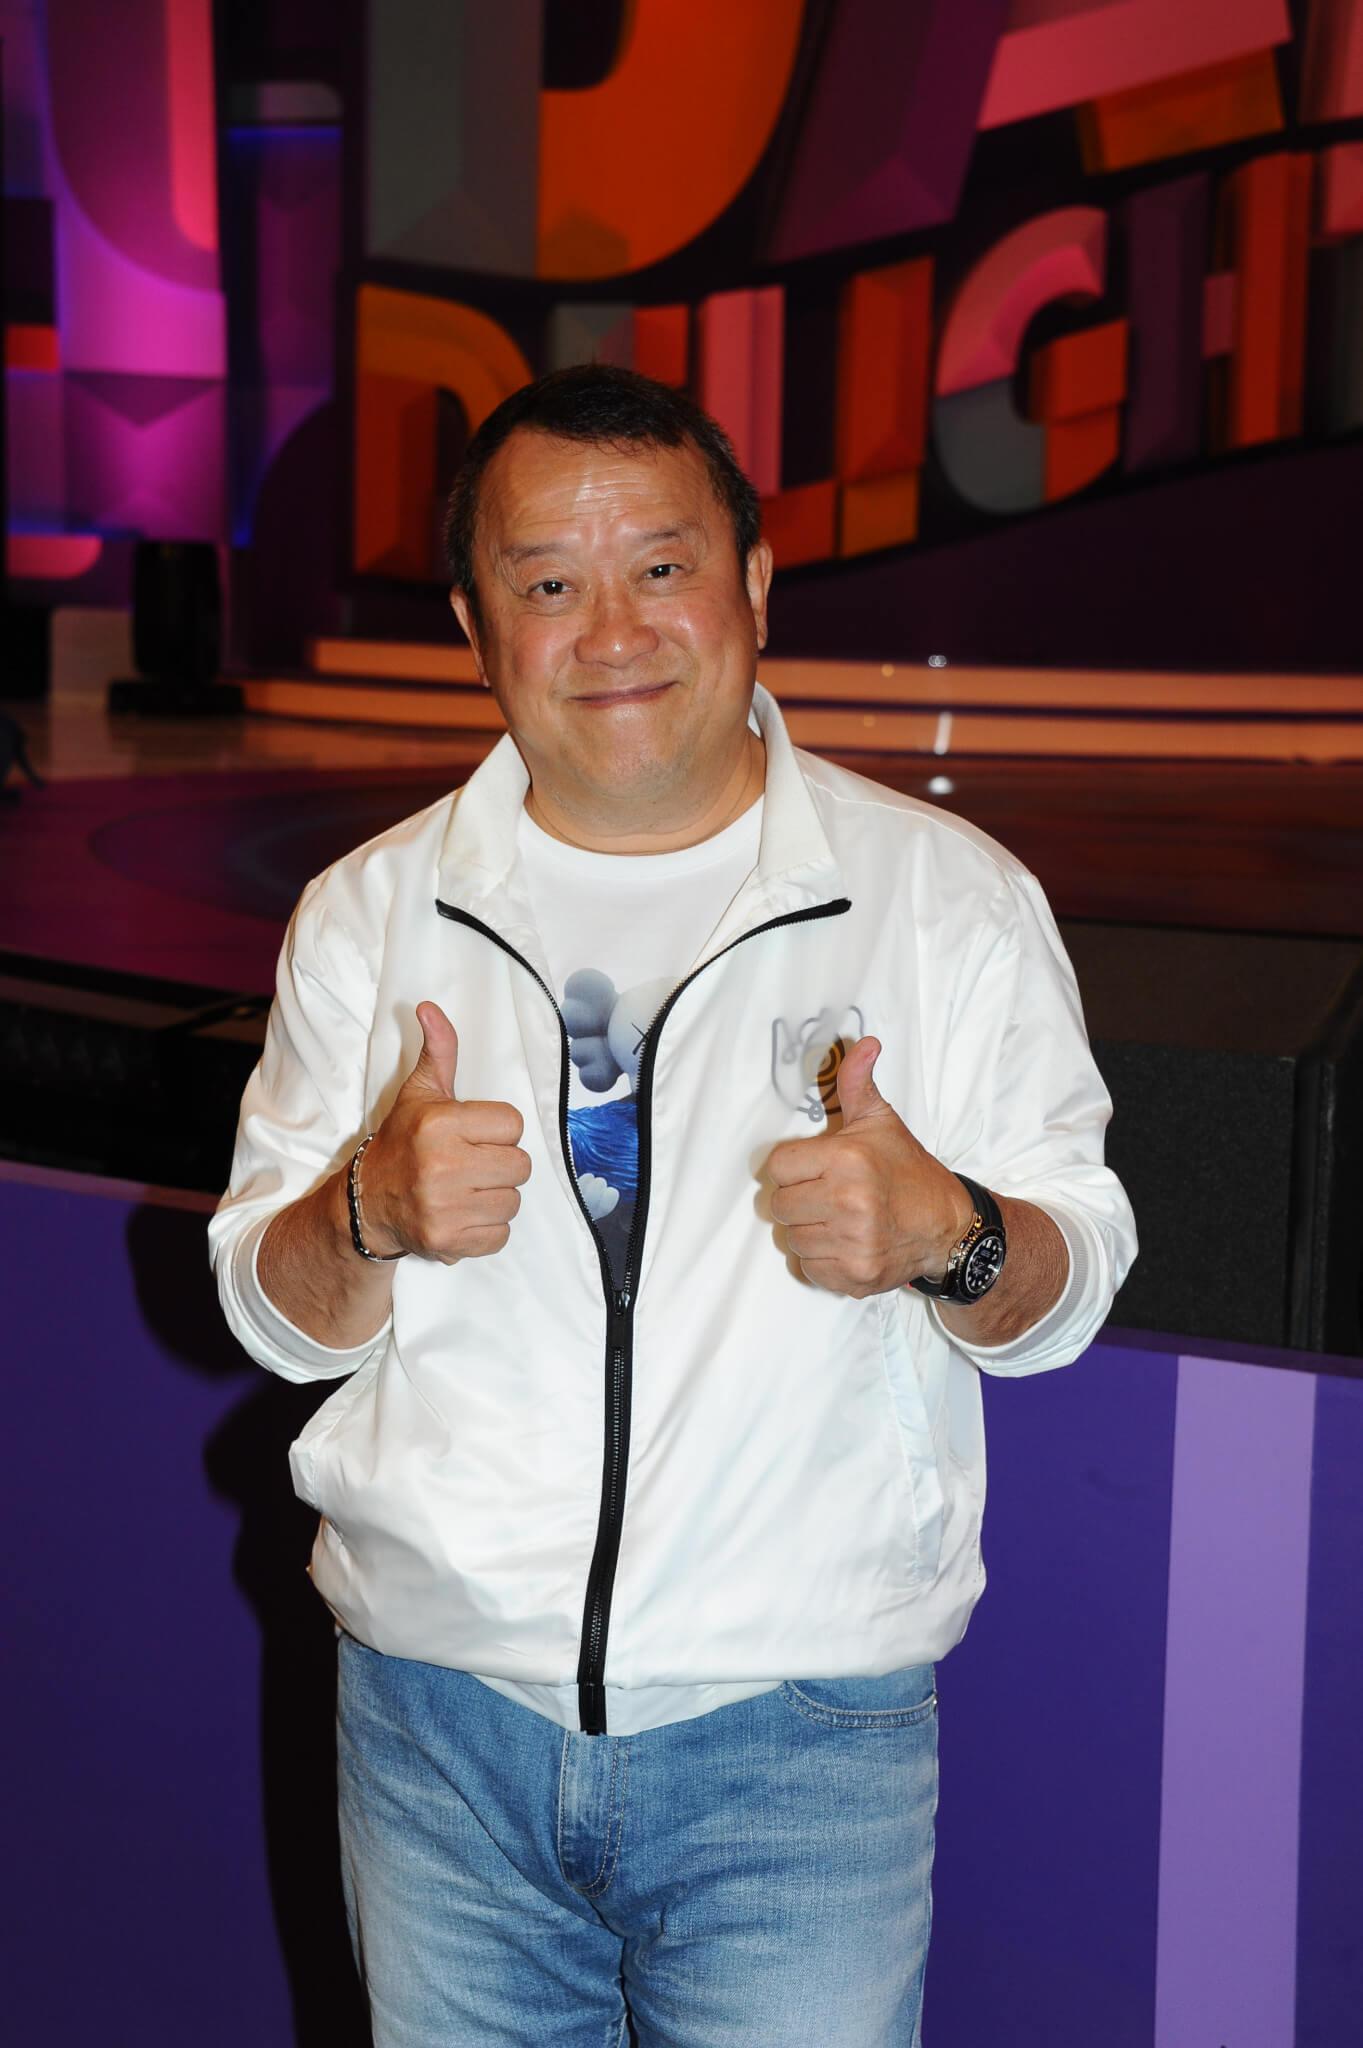 曾志偉沒想過《開心大綜藝》及ViuTV的《口罩小姐選舉》的收視誰勝誰負,只專注做好節目口碑。(明報圖片)